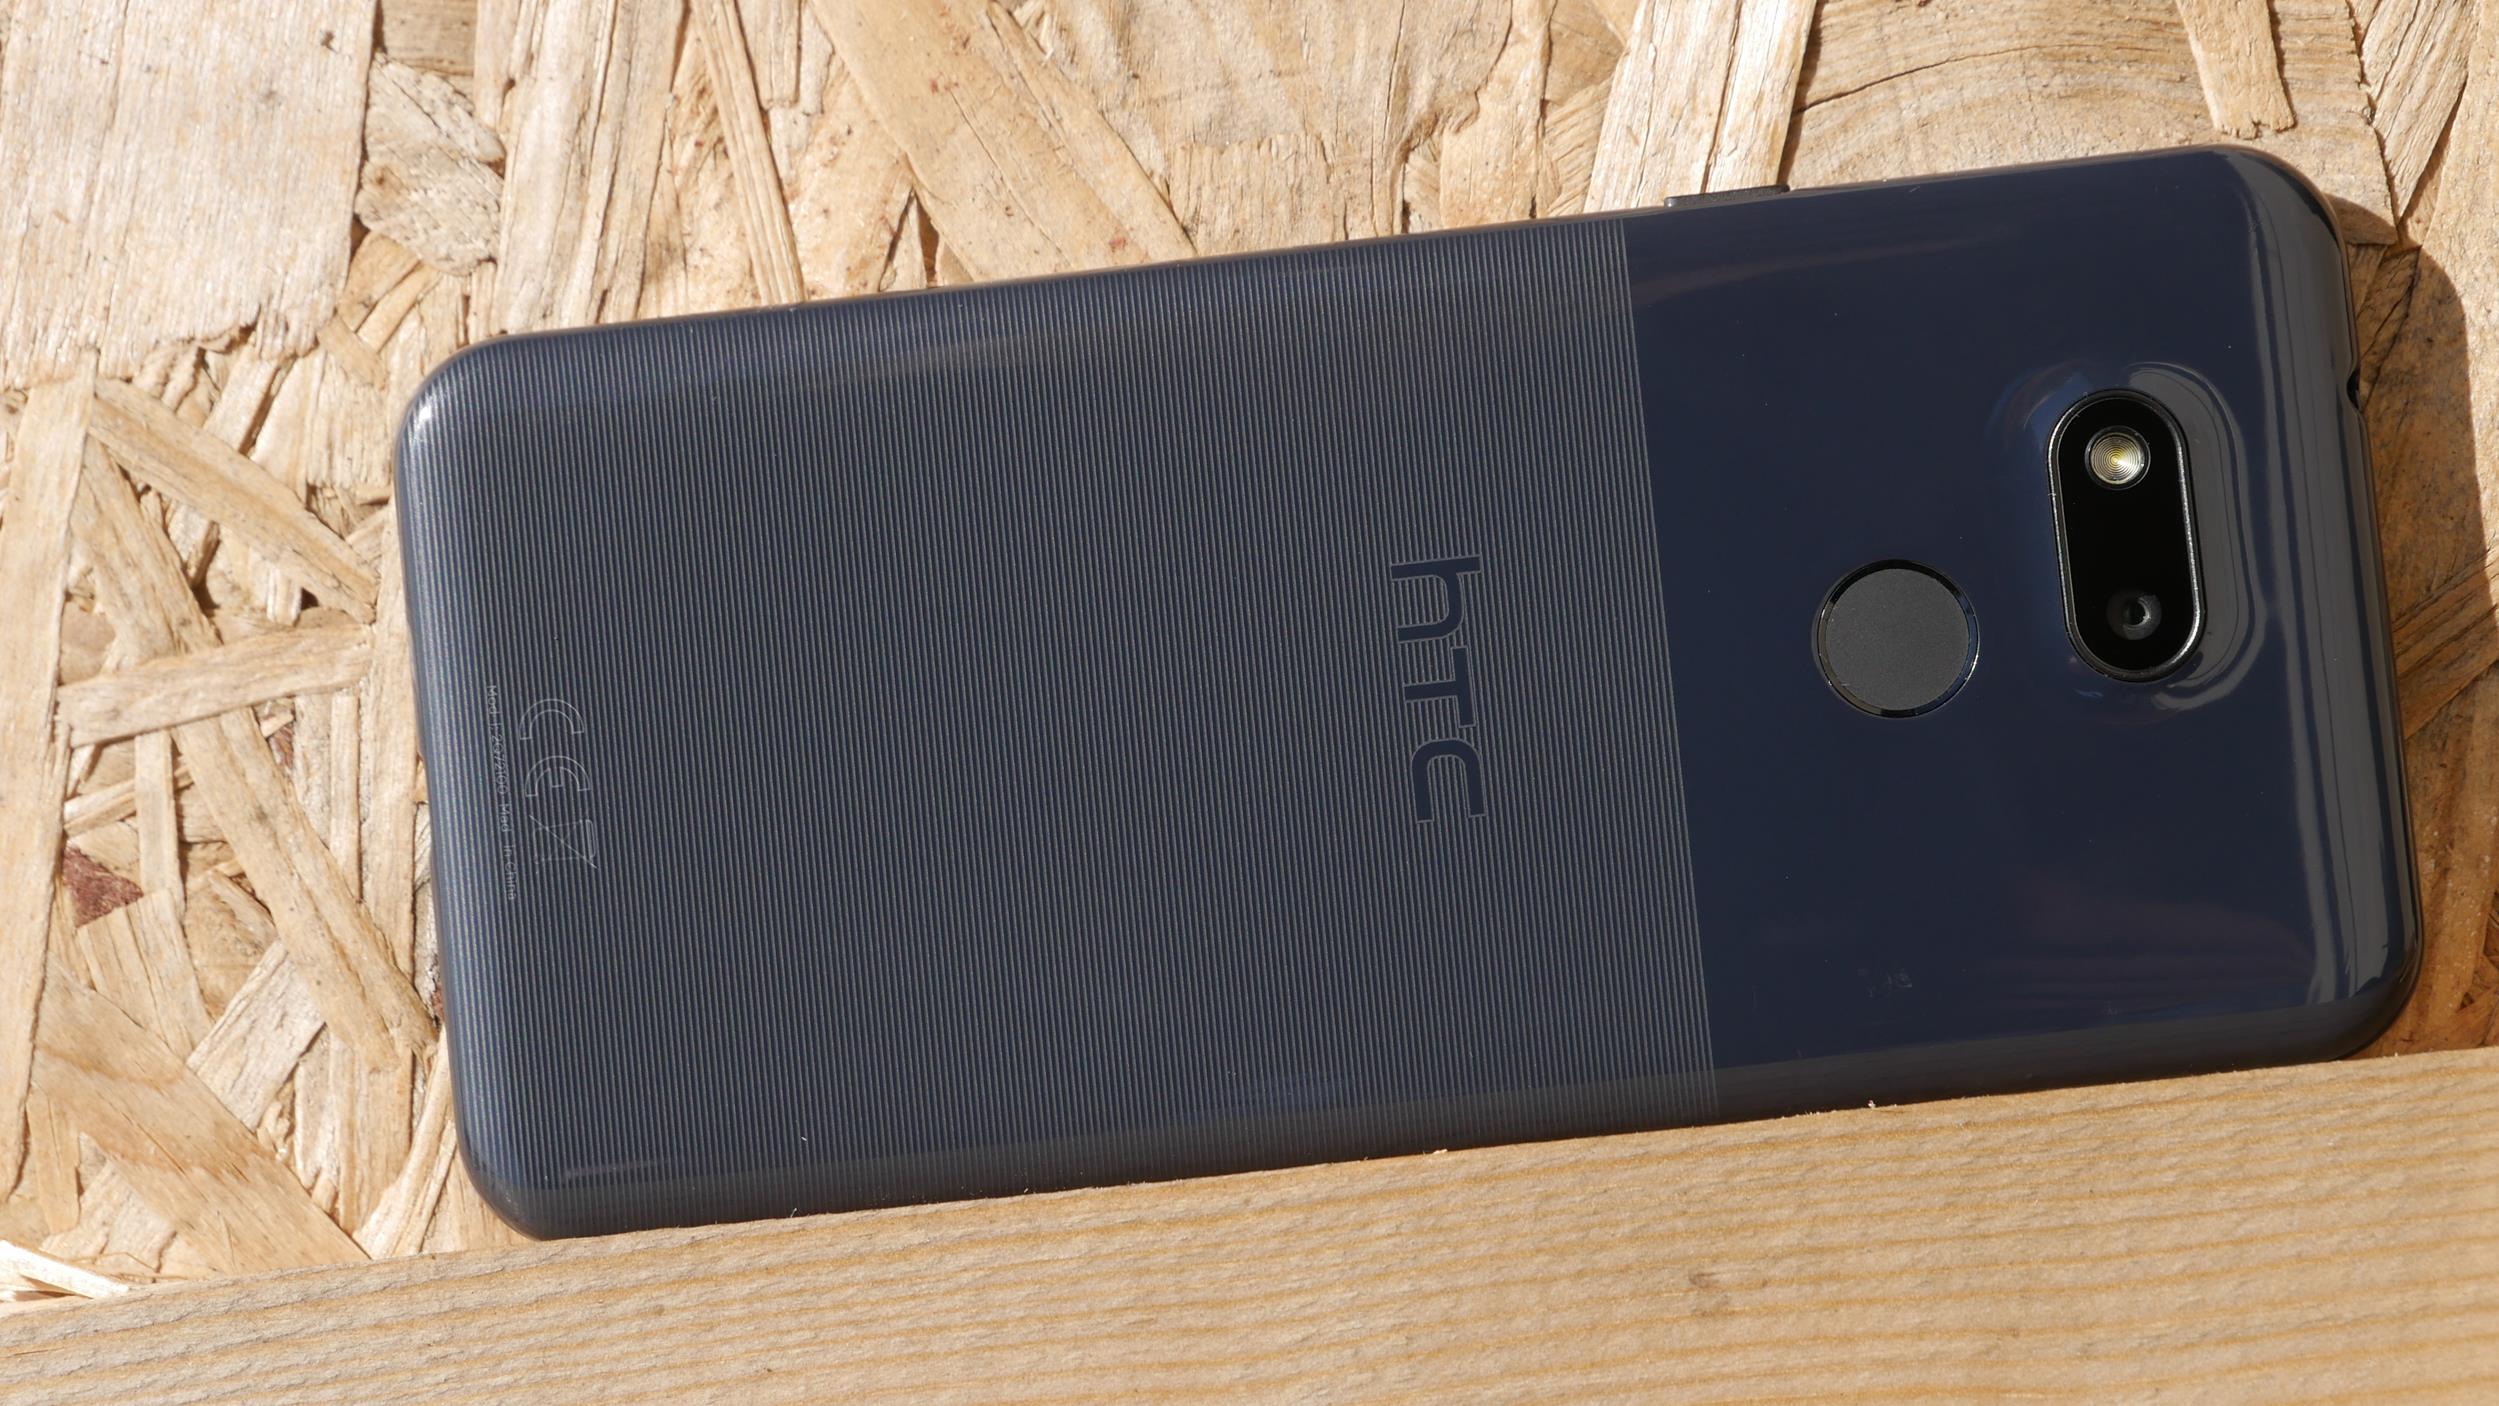 Październik nie był zbyt udany dla HTC